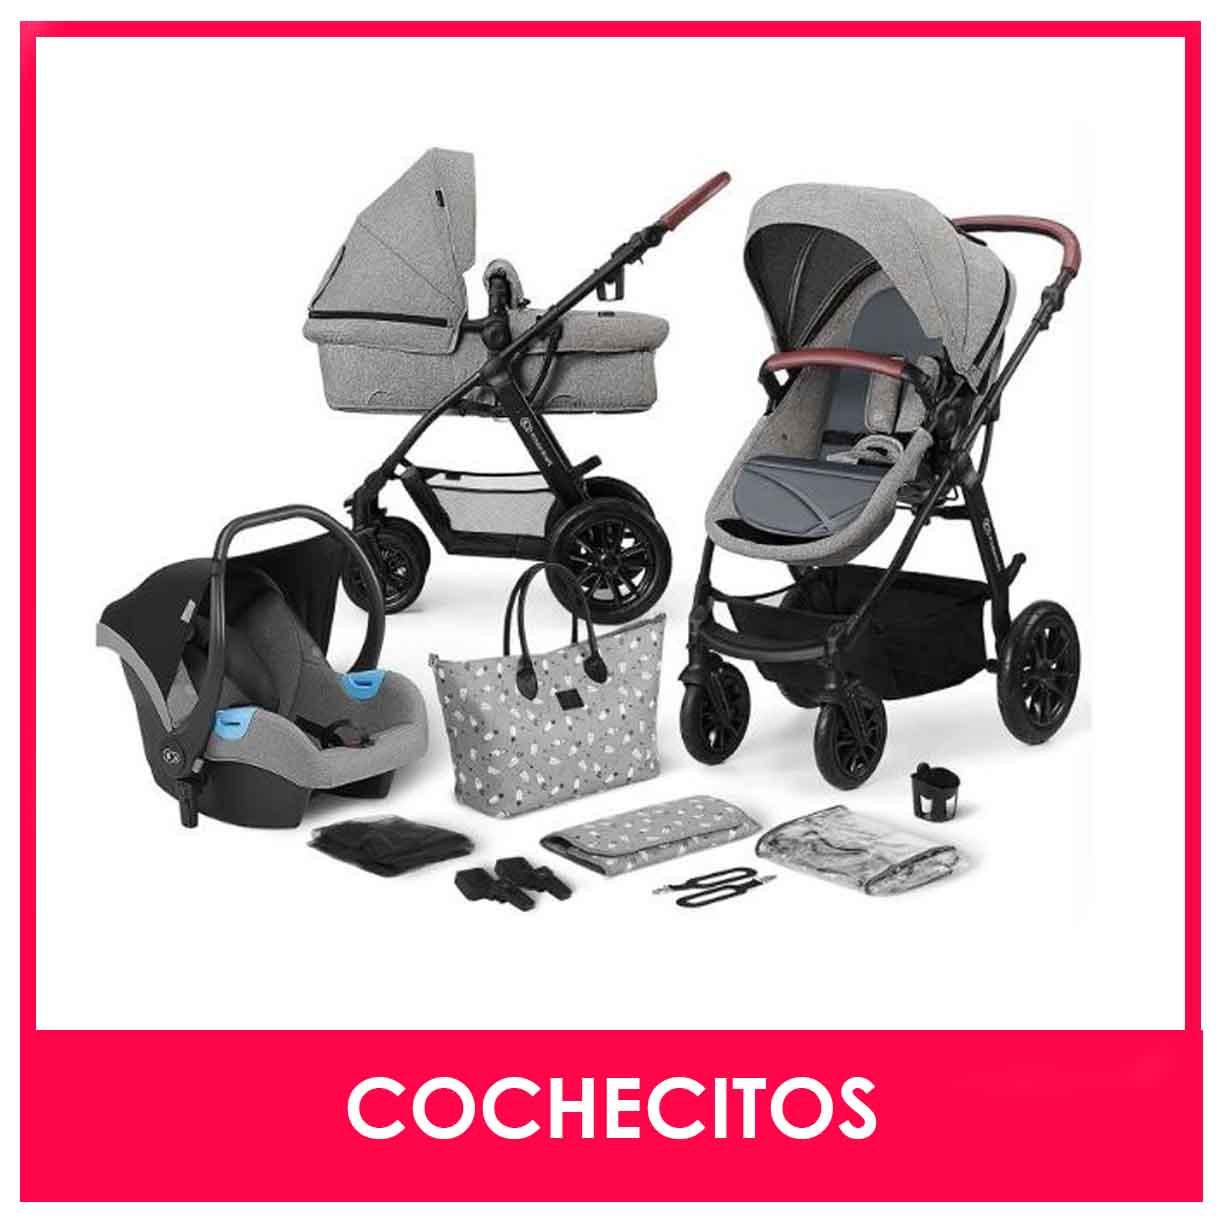 COCHECITOS.jpg